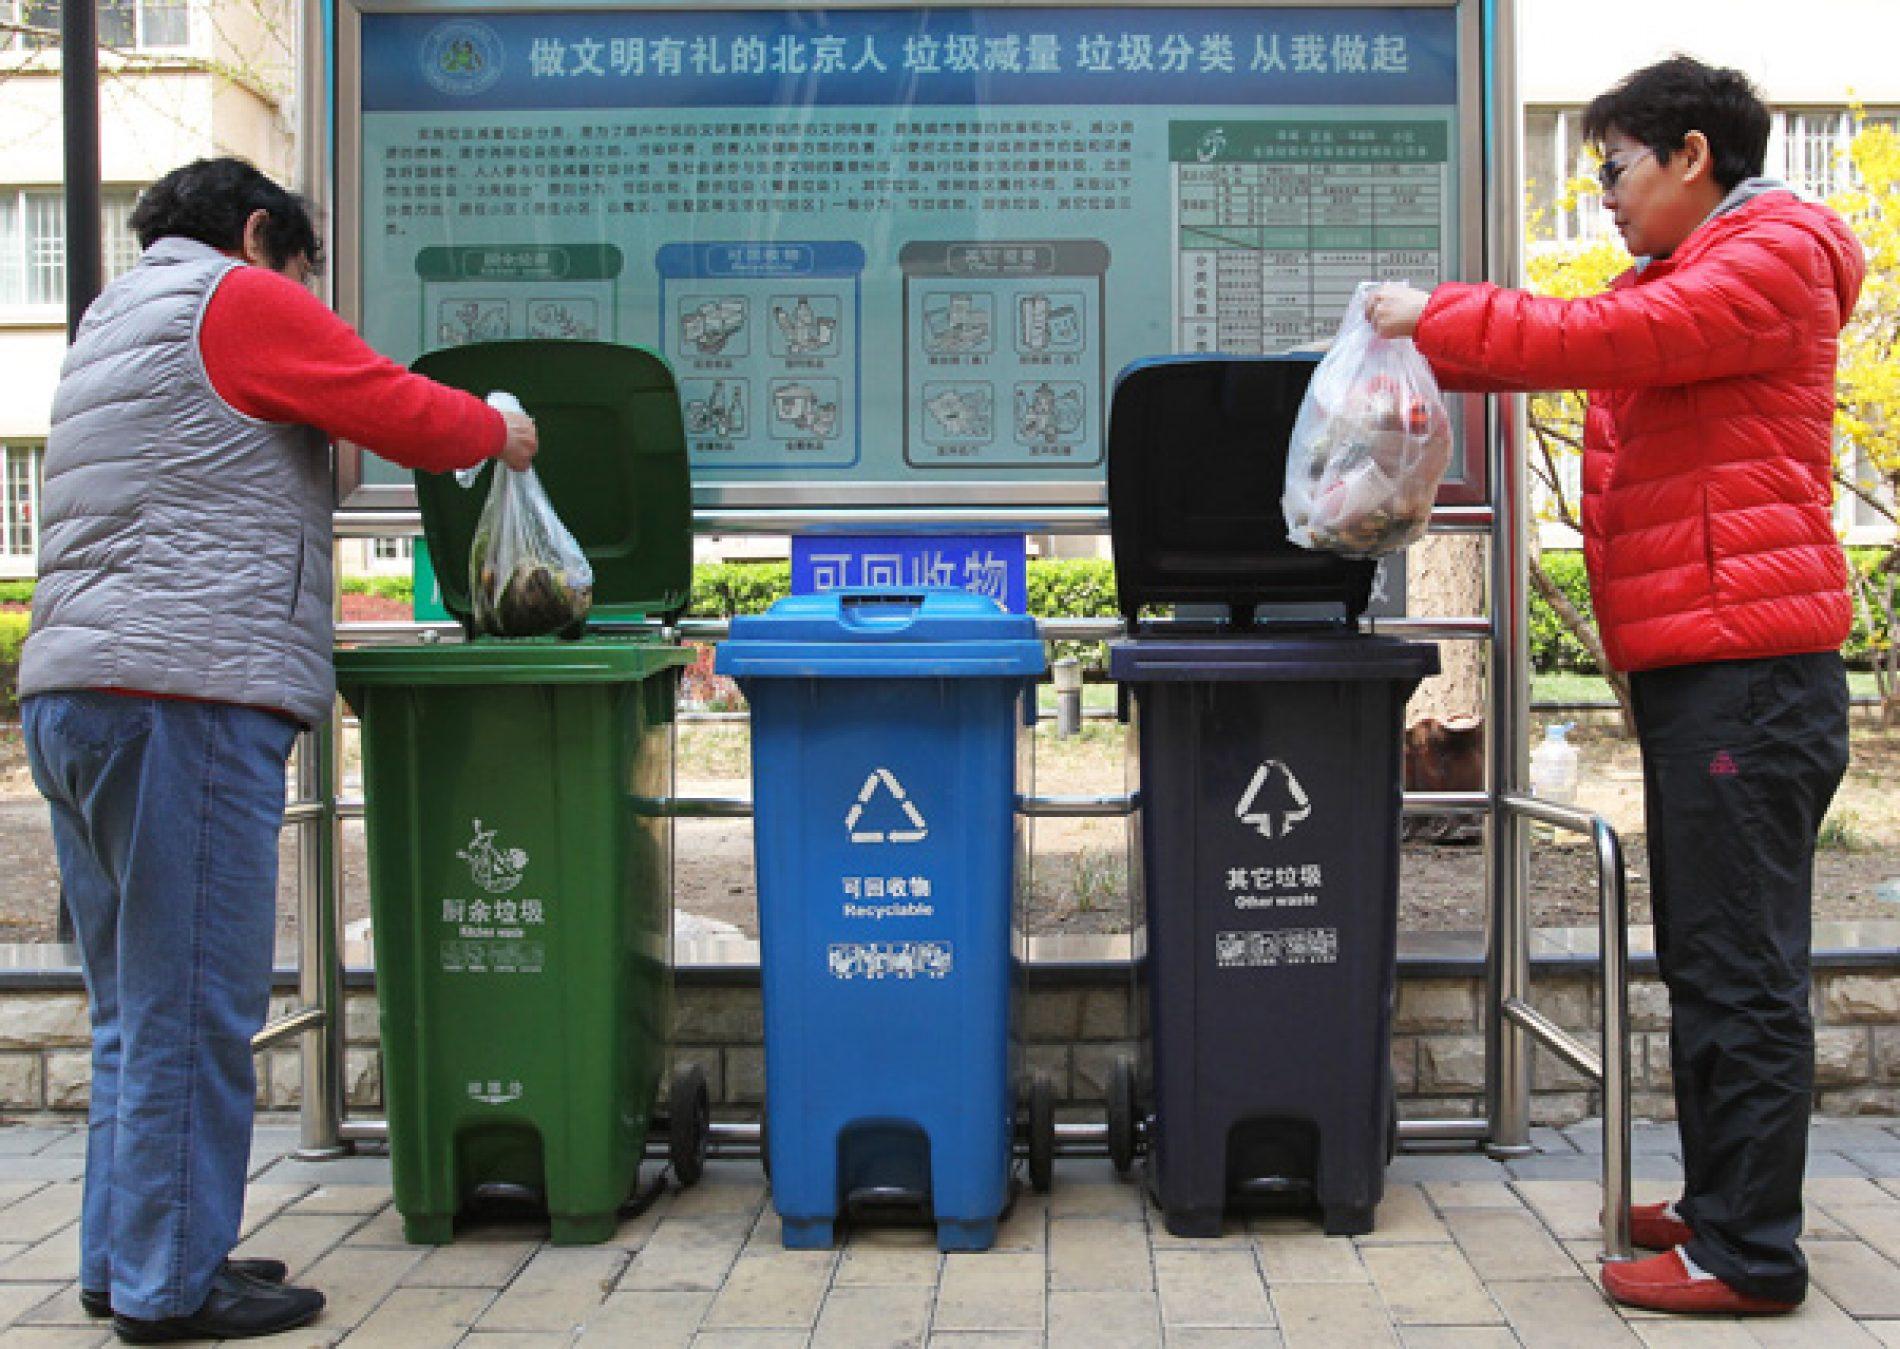 Chine – Environnement : La ville de Shanghai punit ceux qui ne recyclent pas !